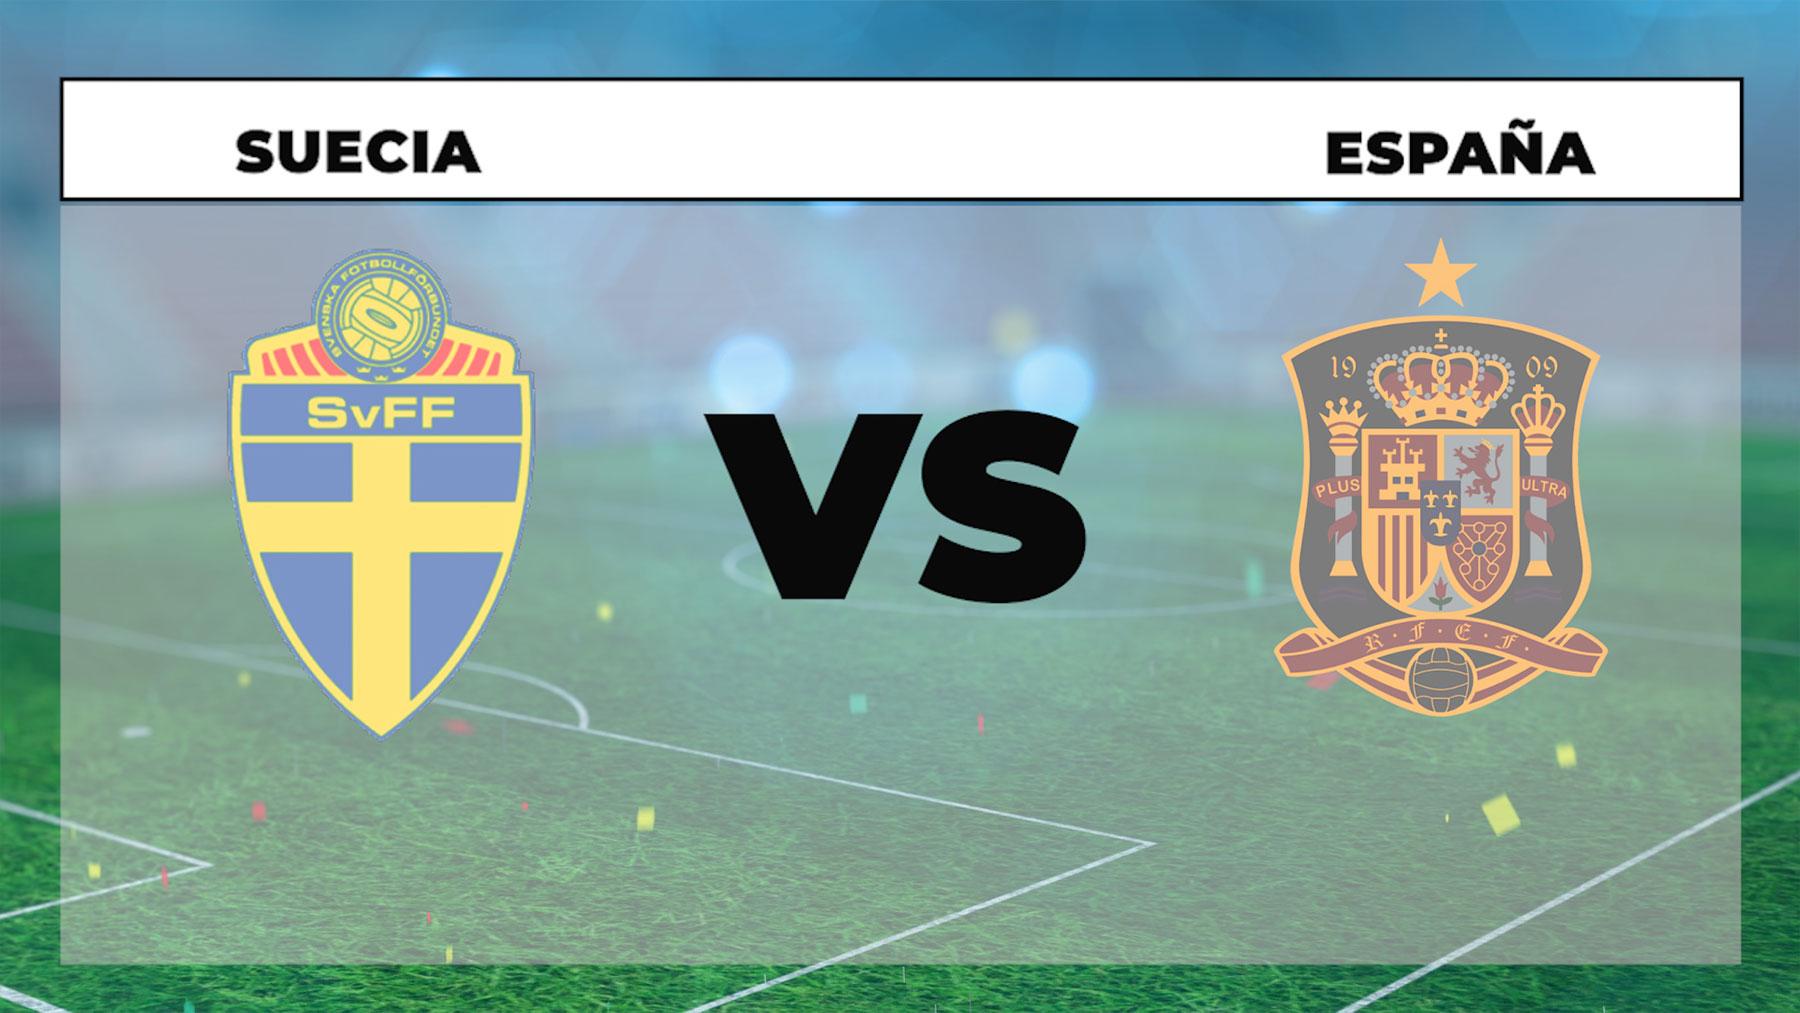 Clasificación Mundial Qatar 2022: Suecia – España | Horario del partido de fútbol de la clasificación del Mundial de Qatar 2022.